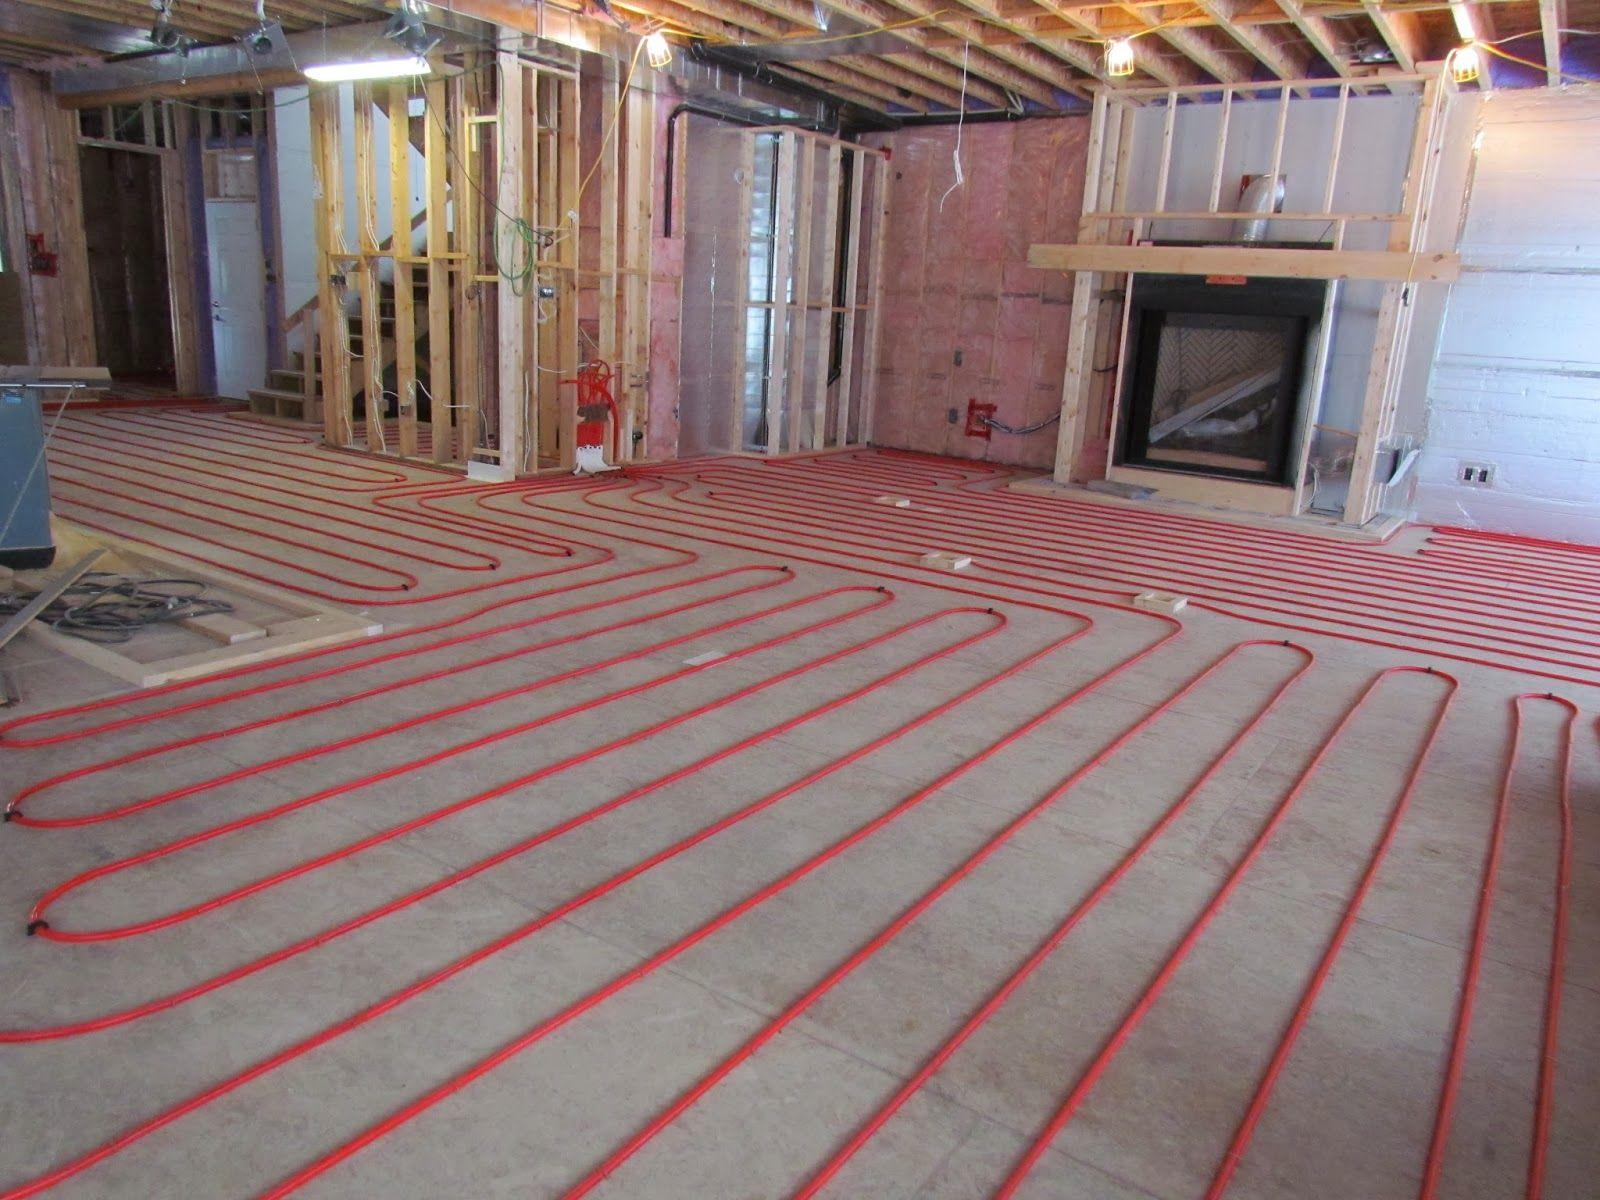 Radiant In Floor Heating In The Basement Radiant Floor Heating